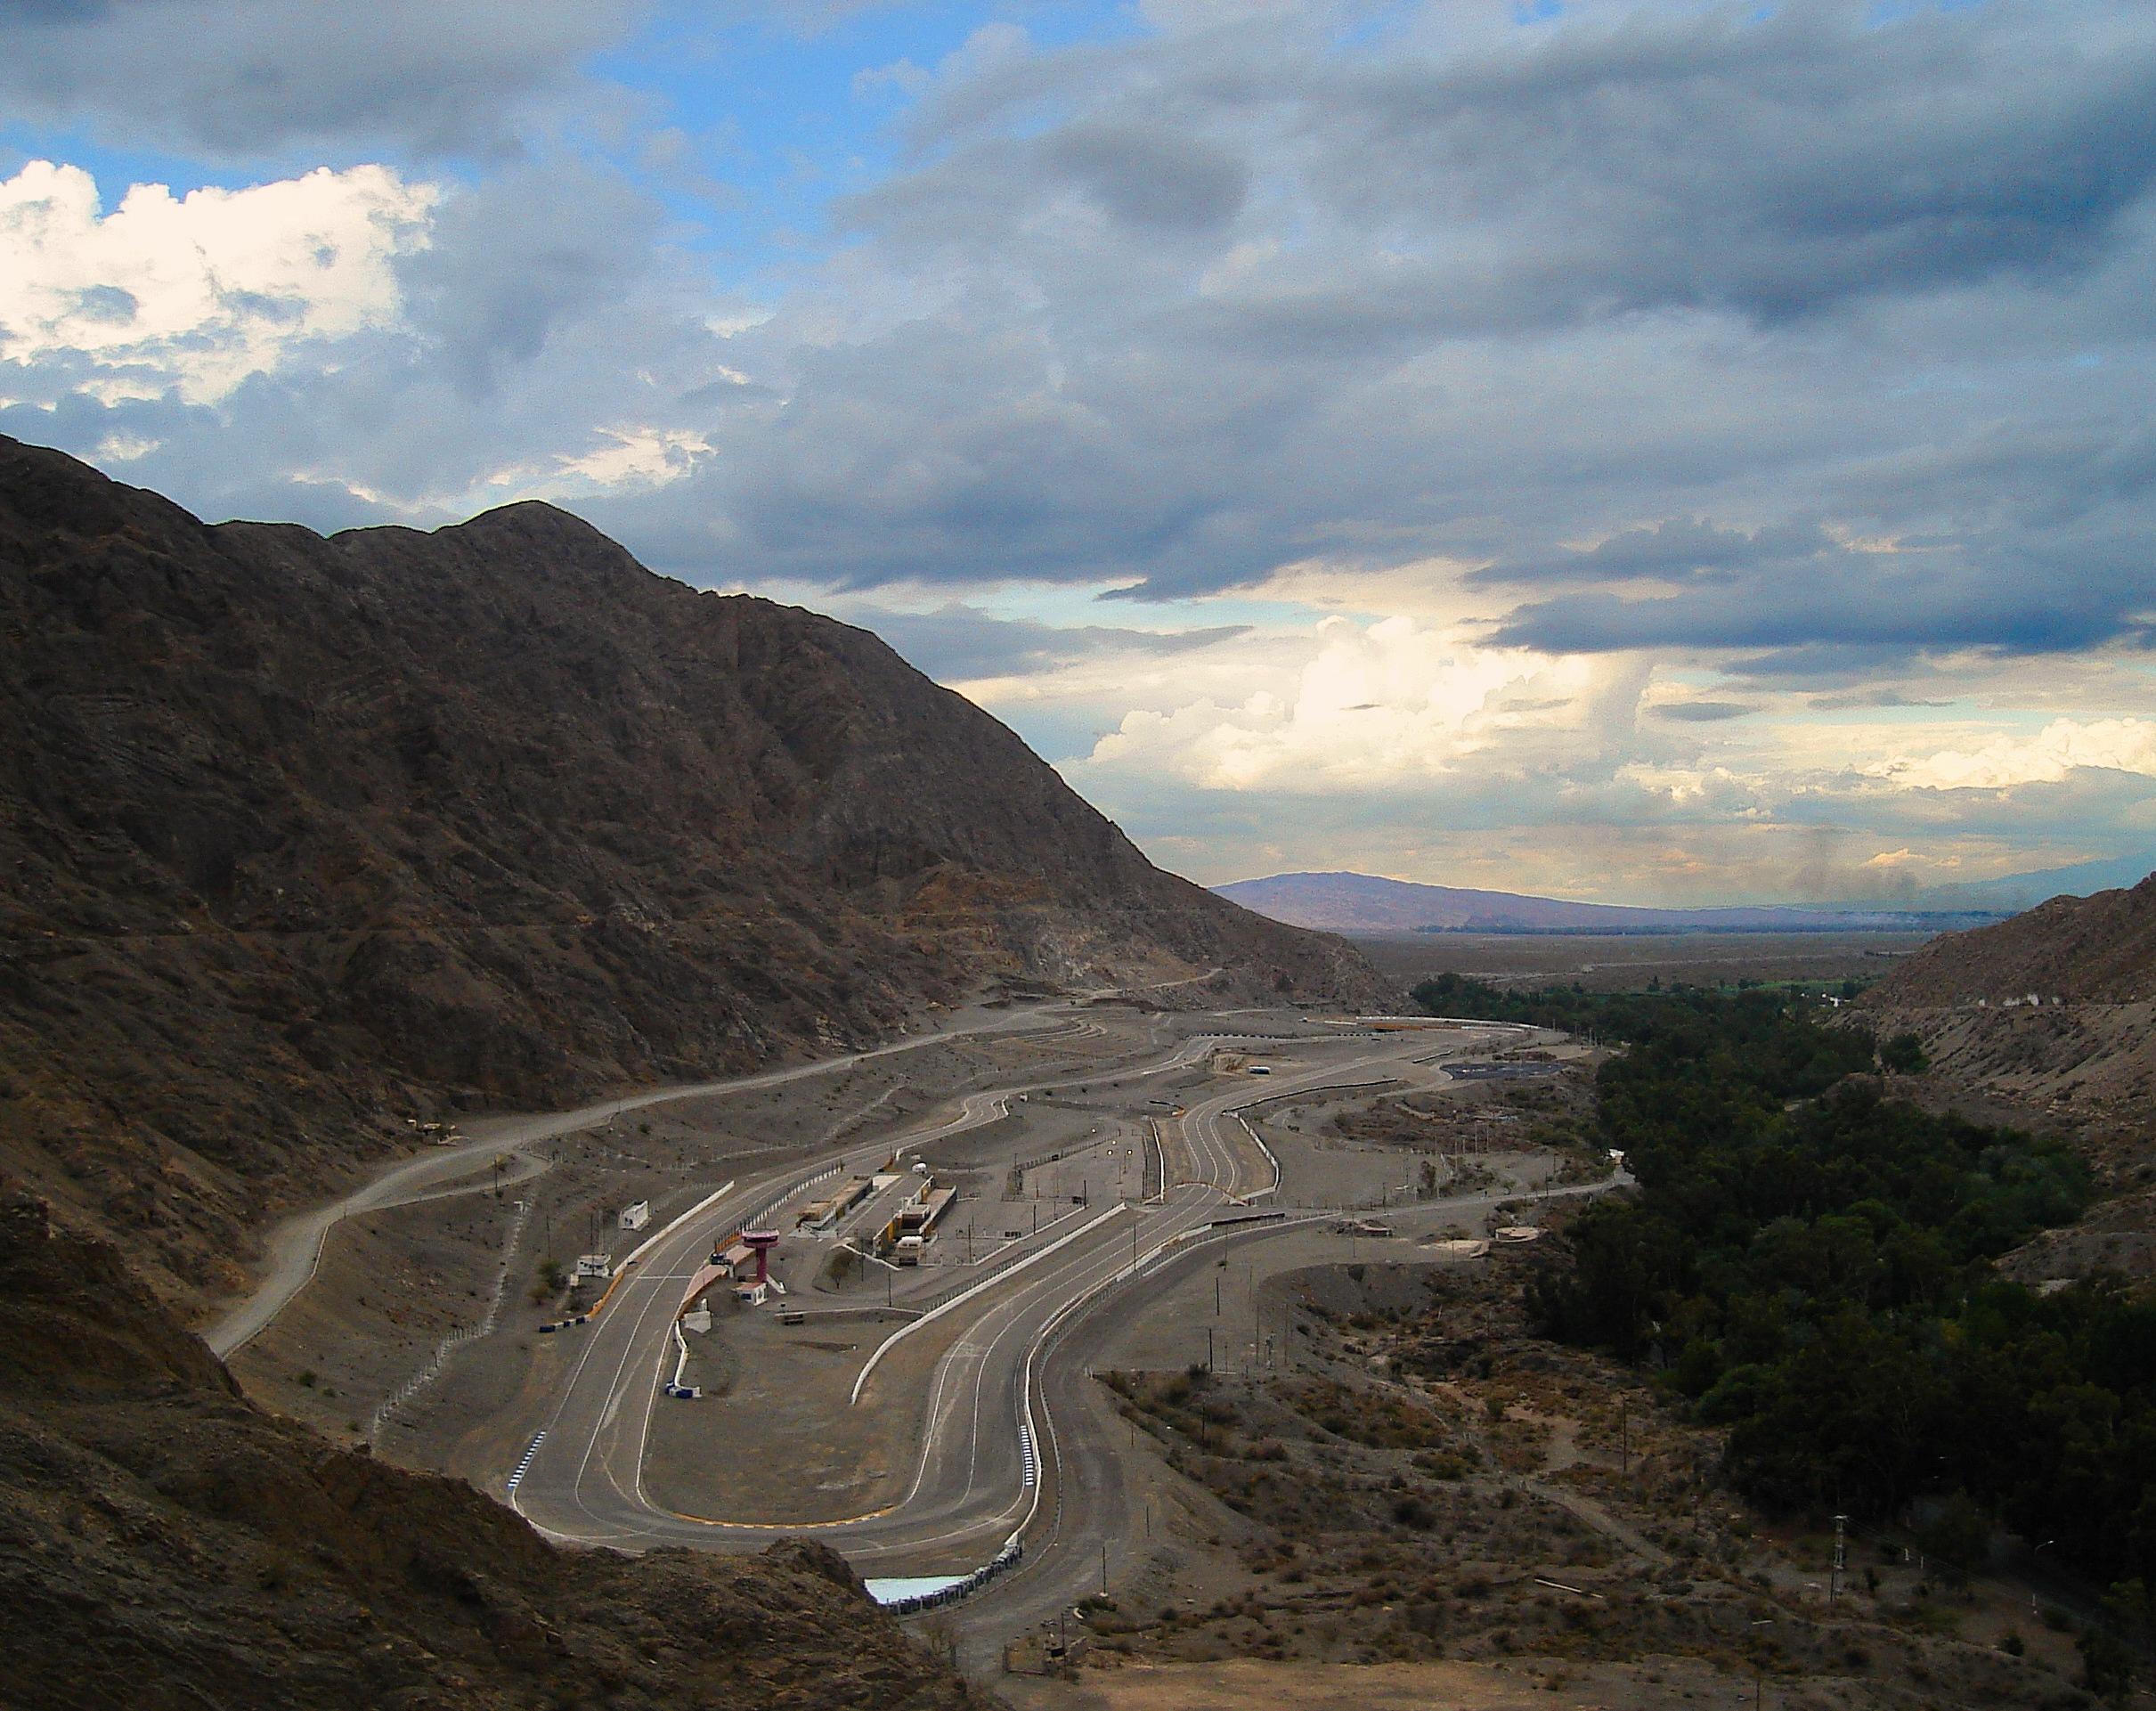 Circuito Zonda : Autódromo el zonda